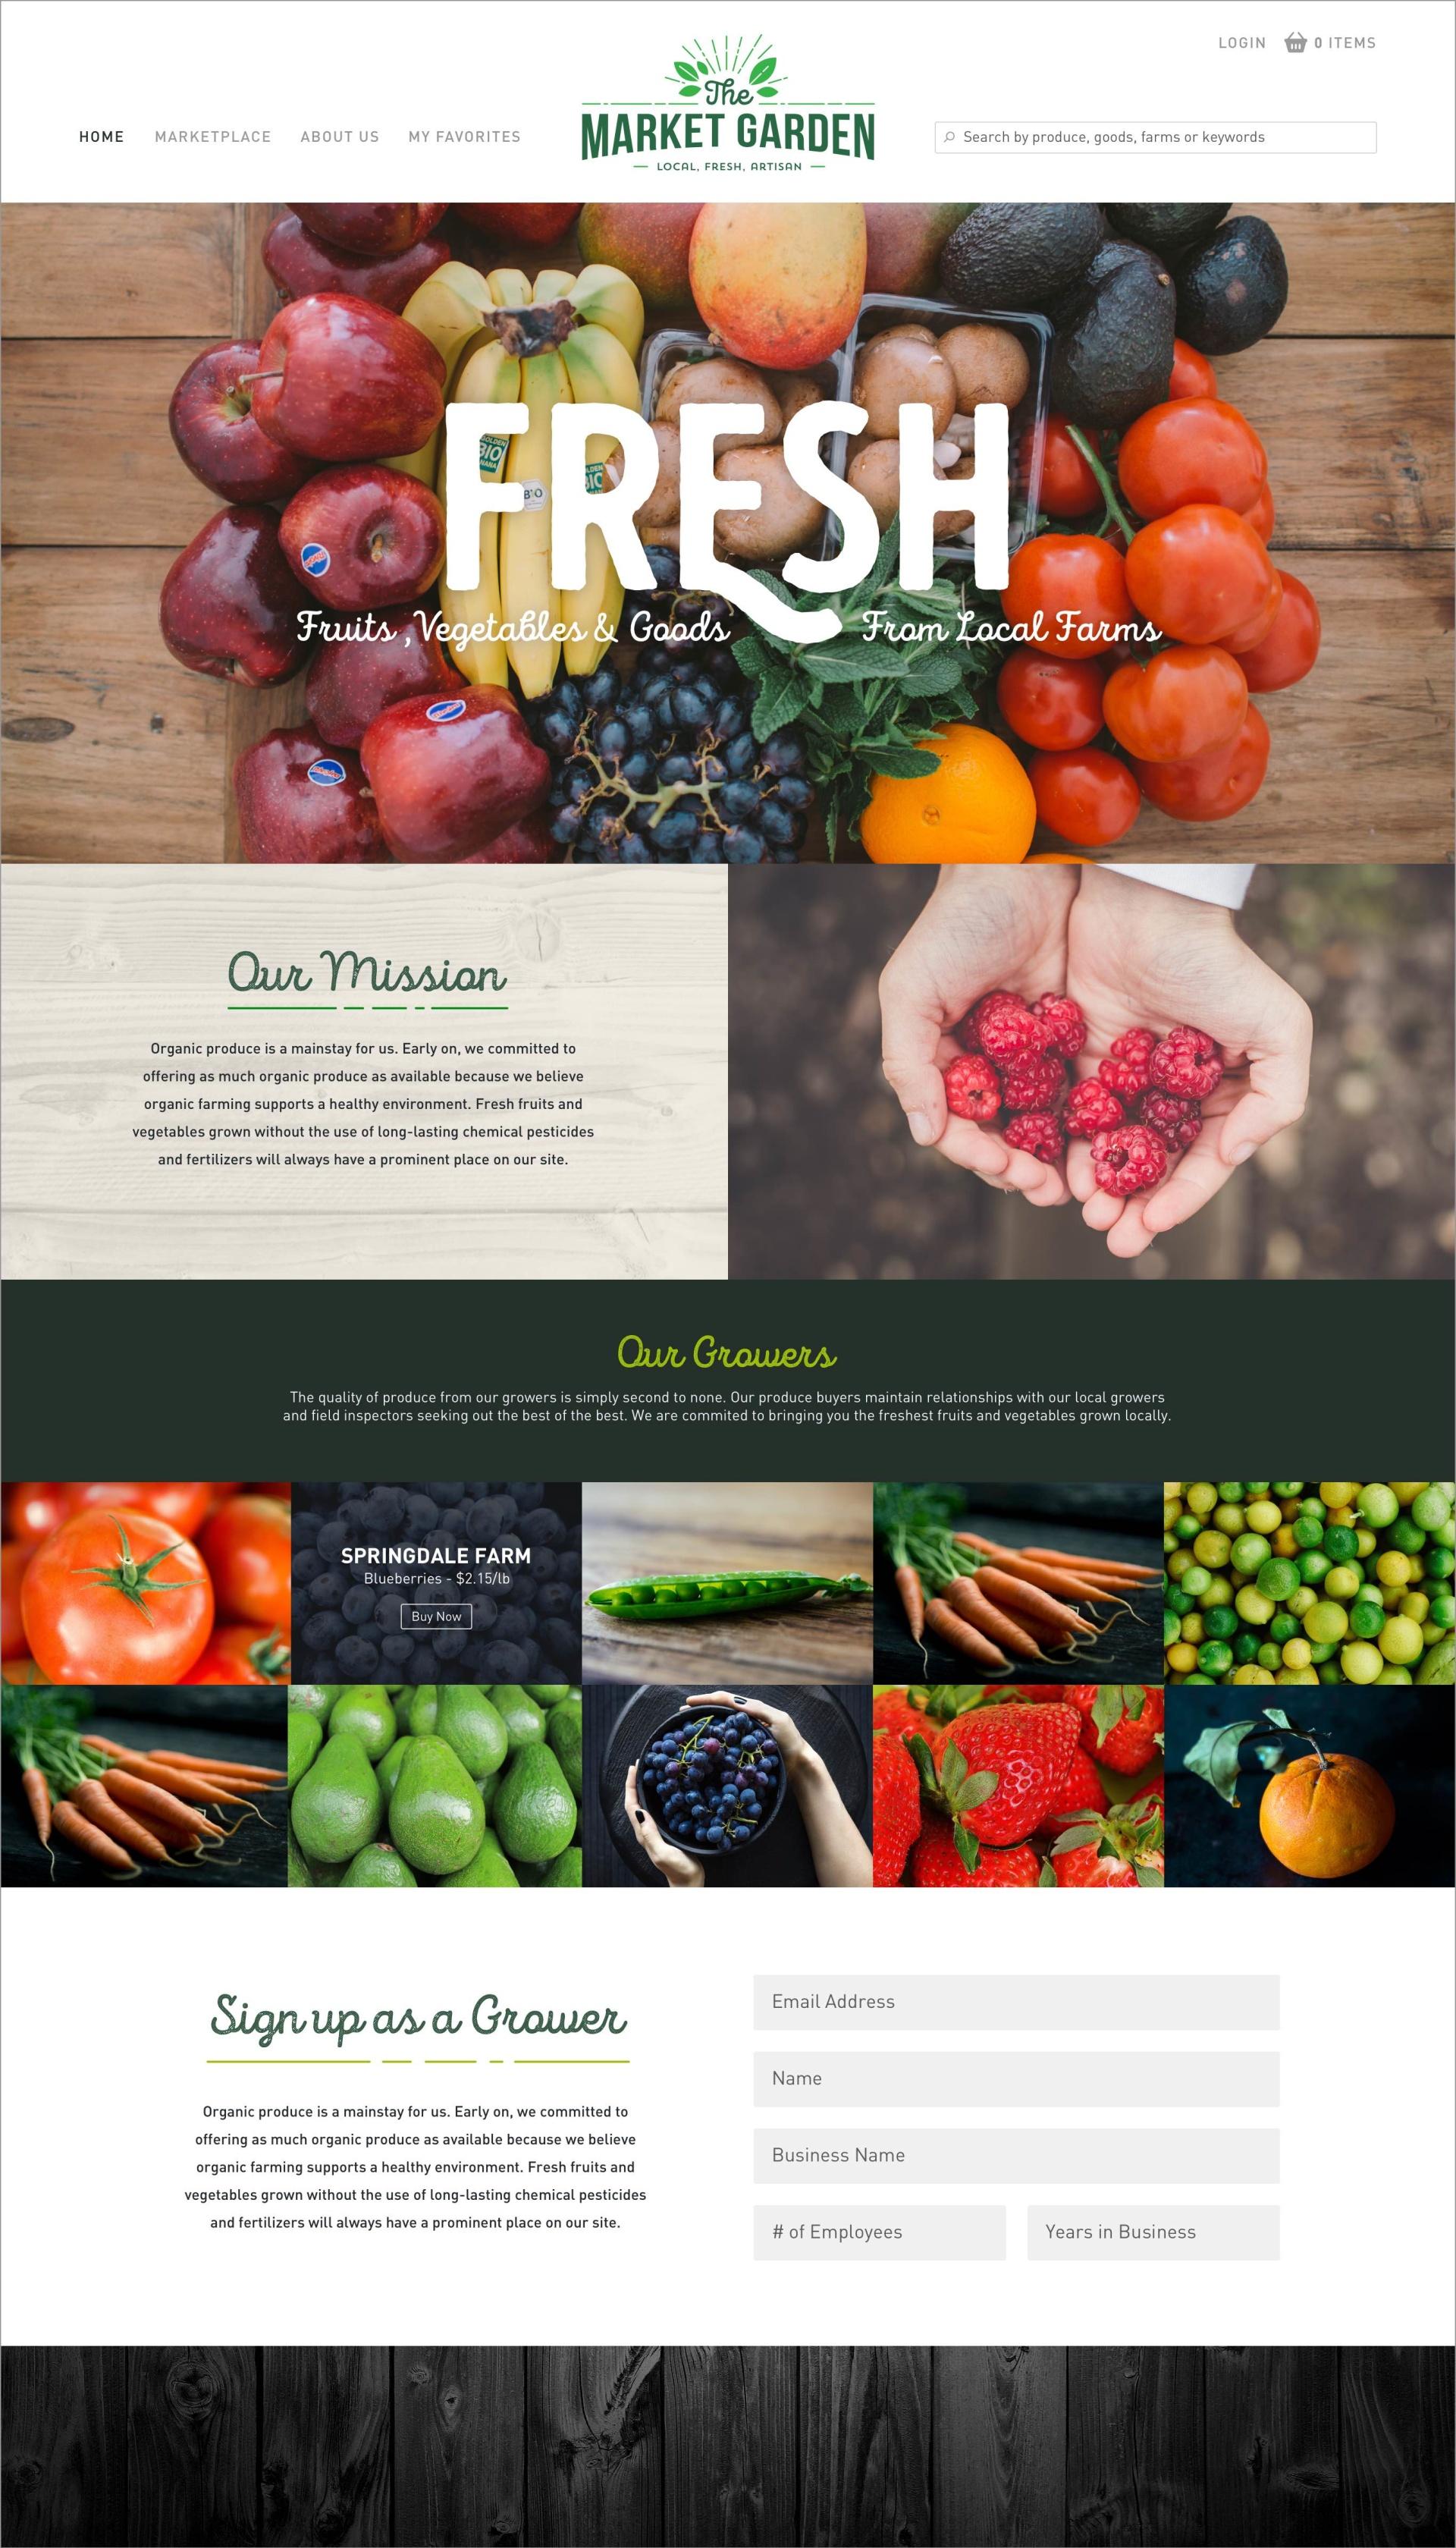 The Market Garden Homepage